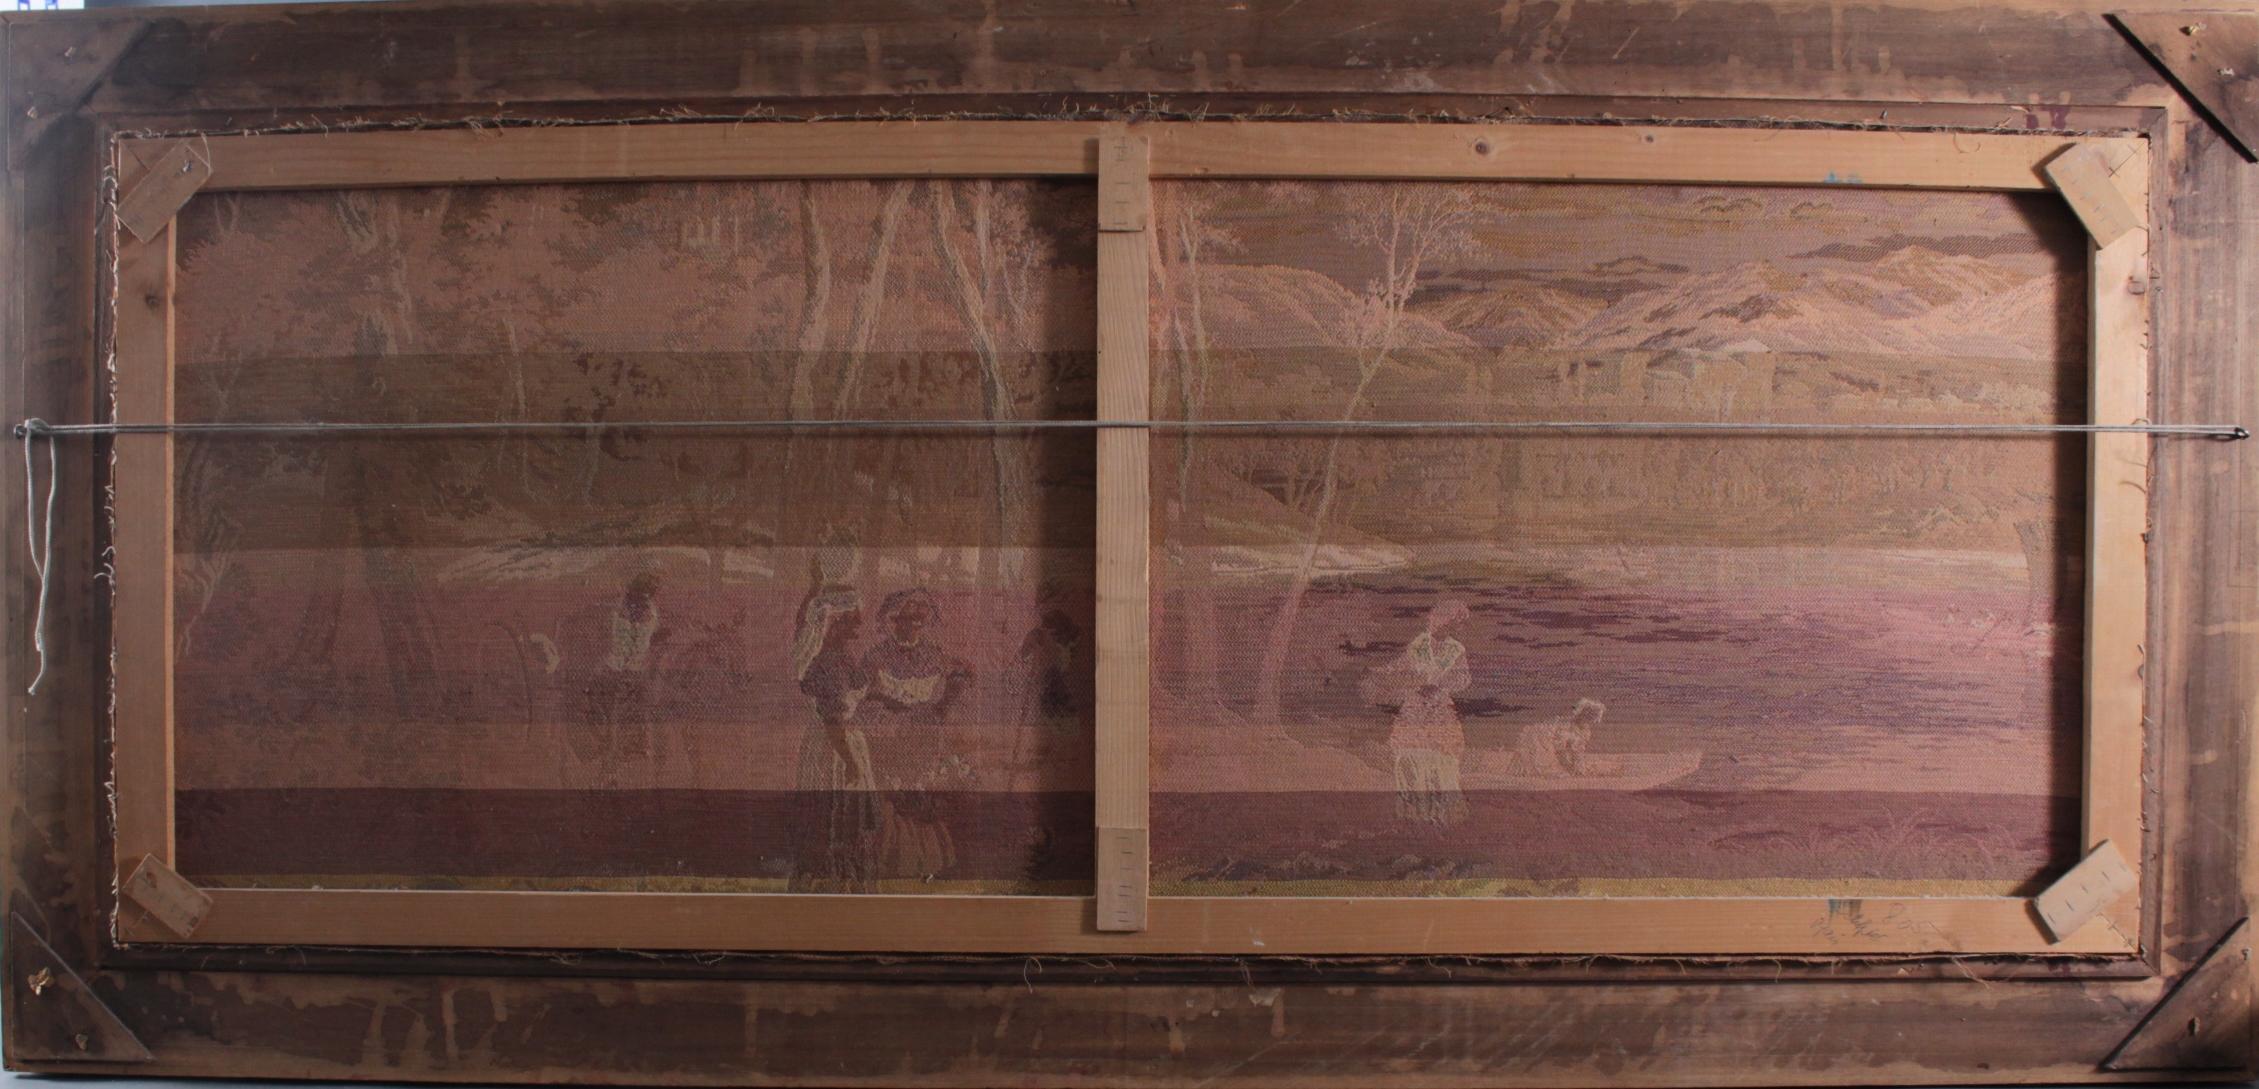 Großer Gobelin, mittelalterliche Szene, 2. Hälfte 20. Jh.-4